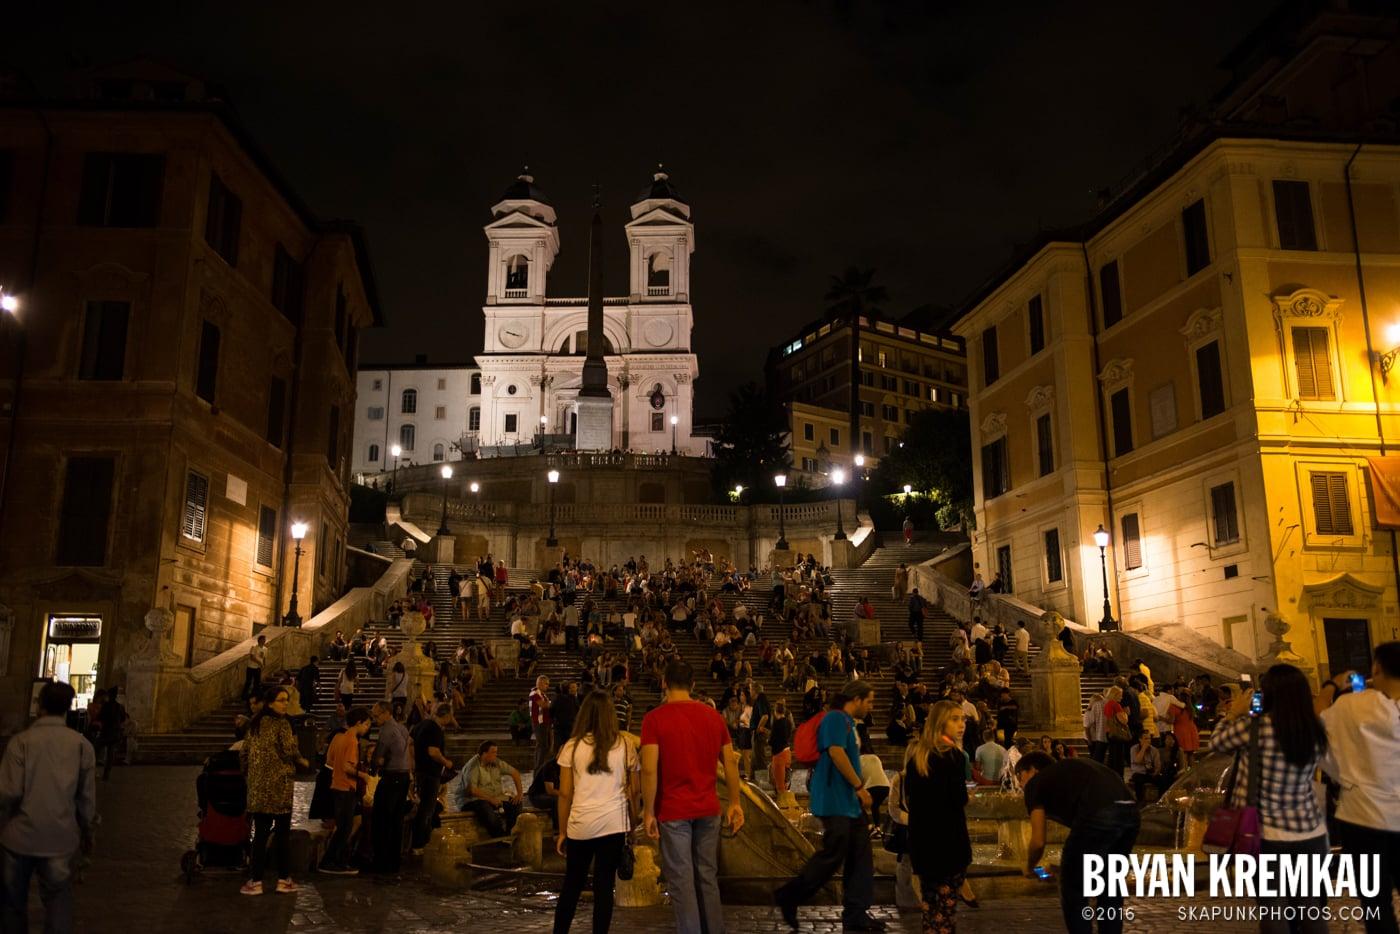 Italy Vacation - Day 3: Rome - 9.11.13 (3)